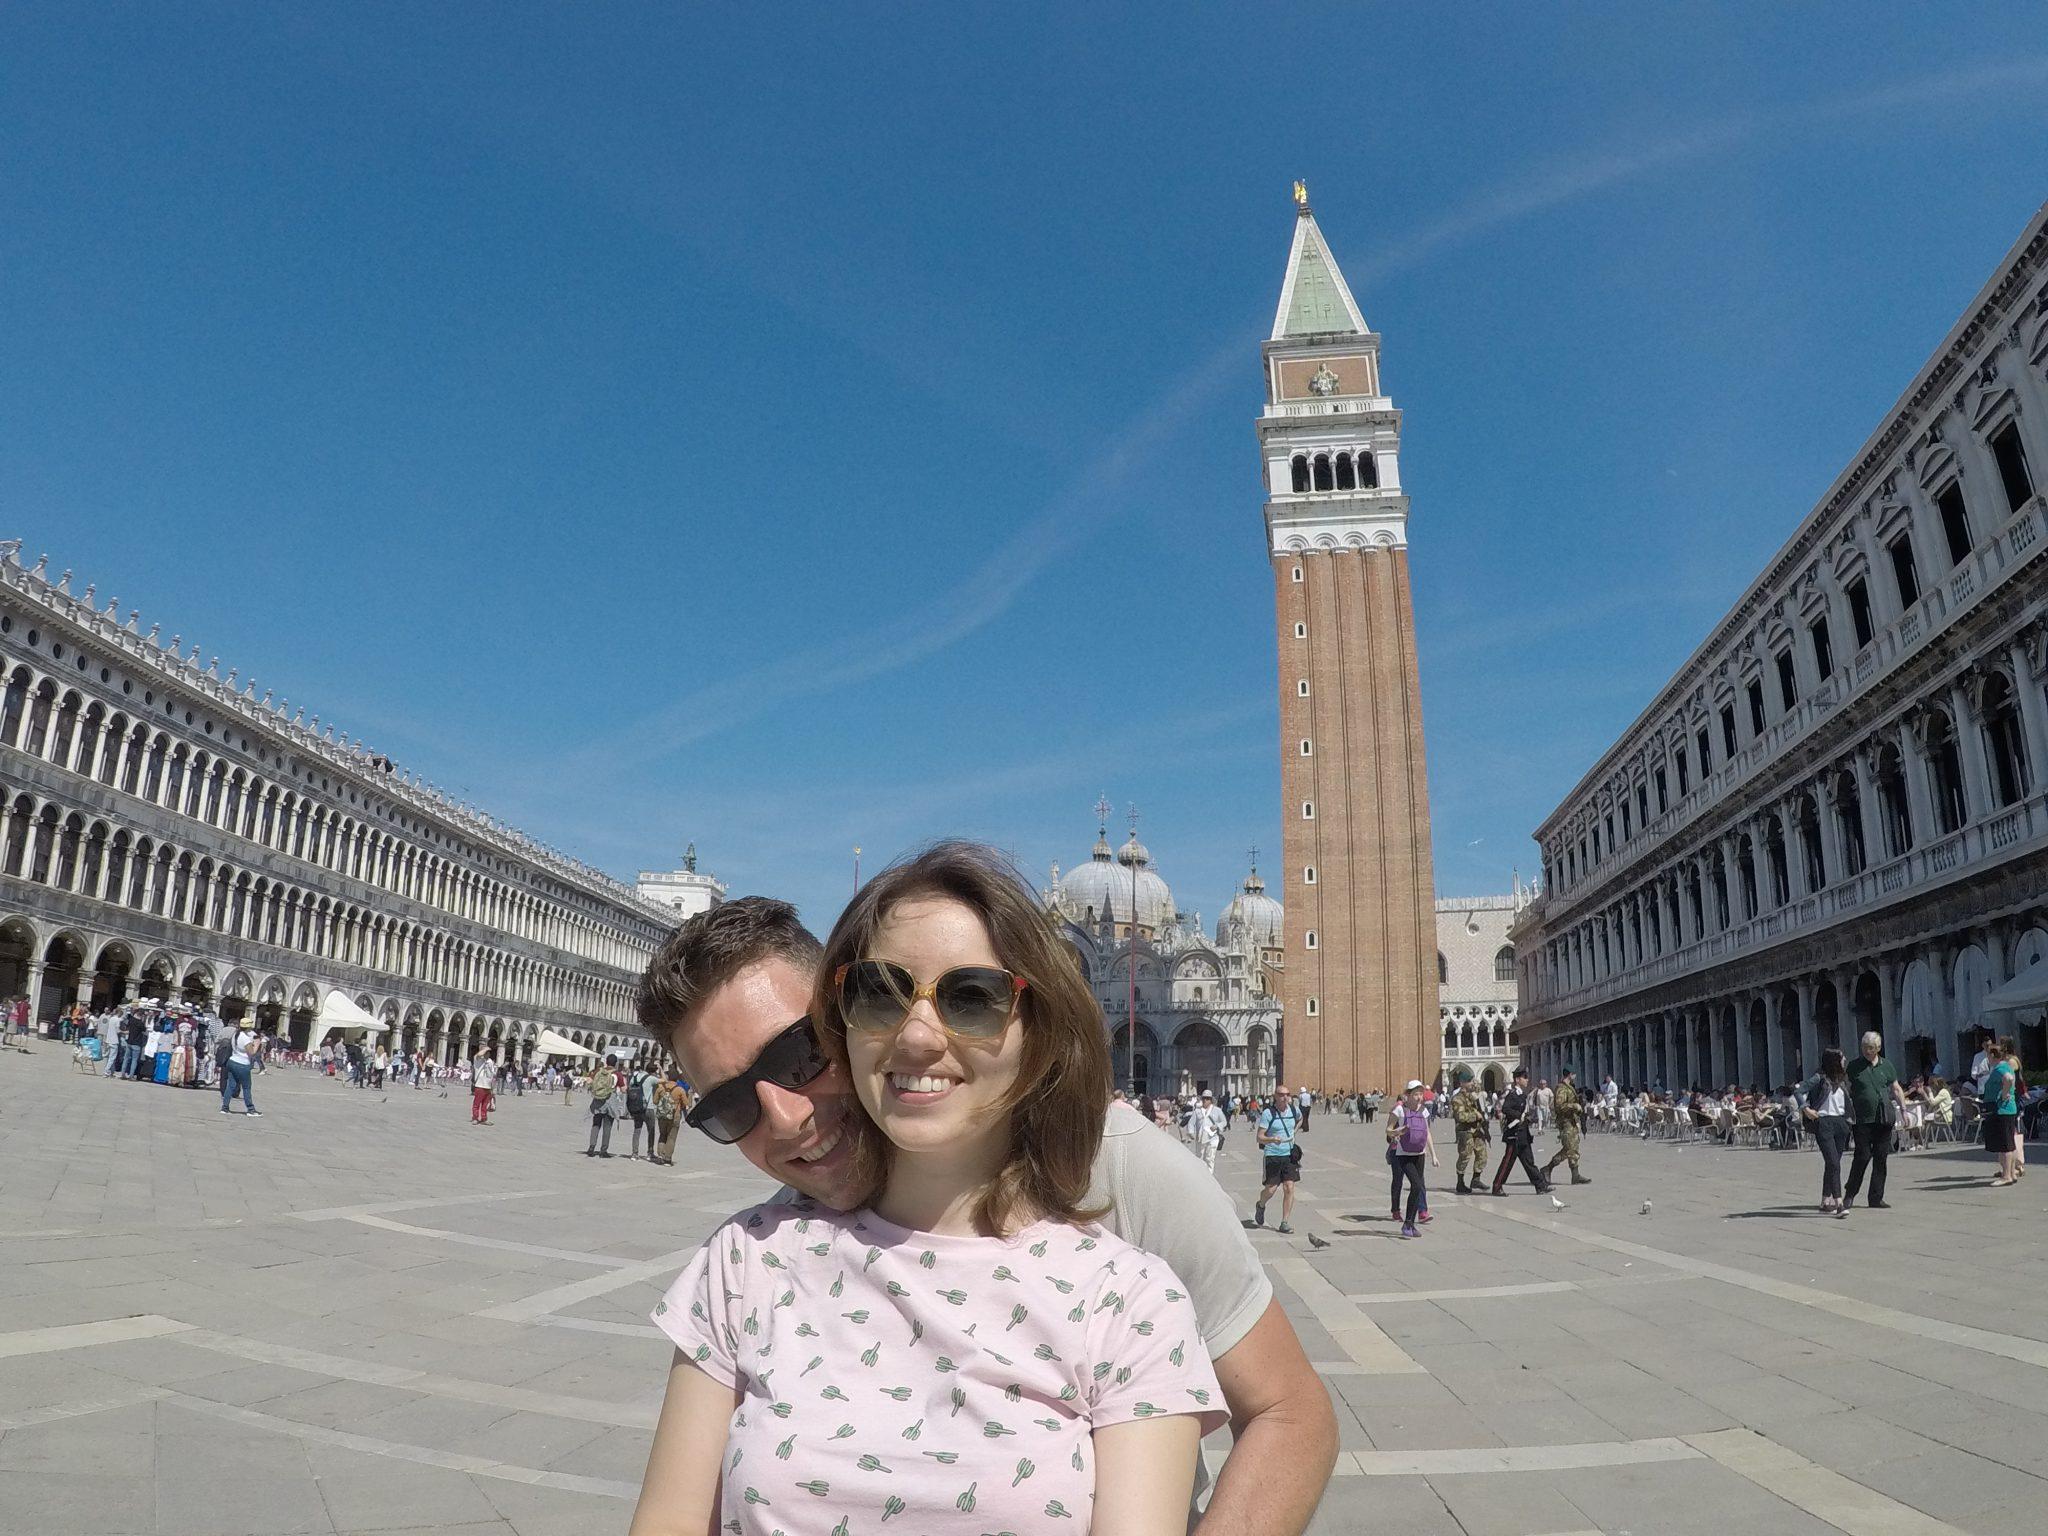 venezia in 5 tappe inusuali